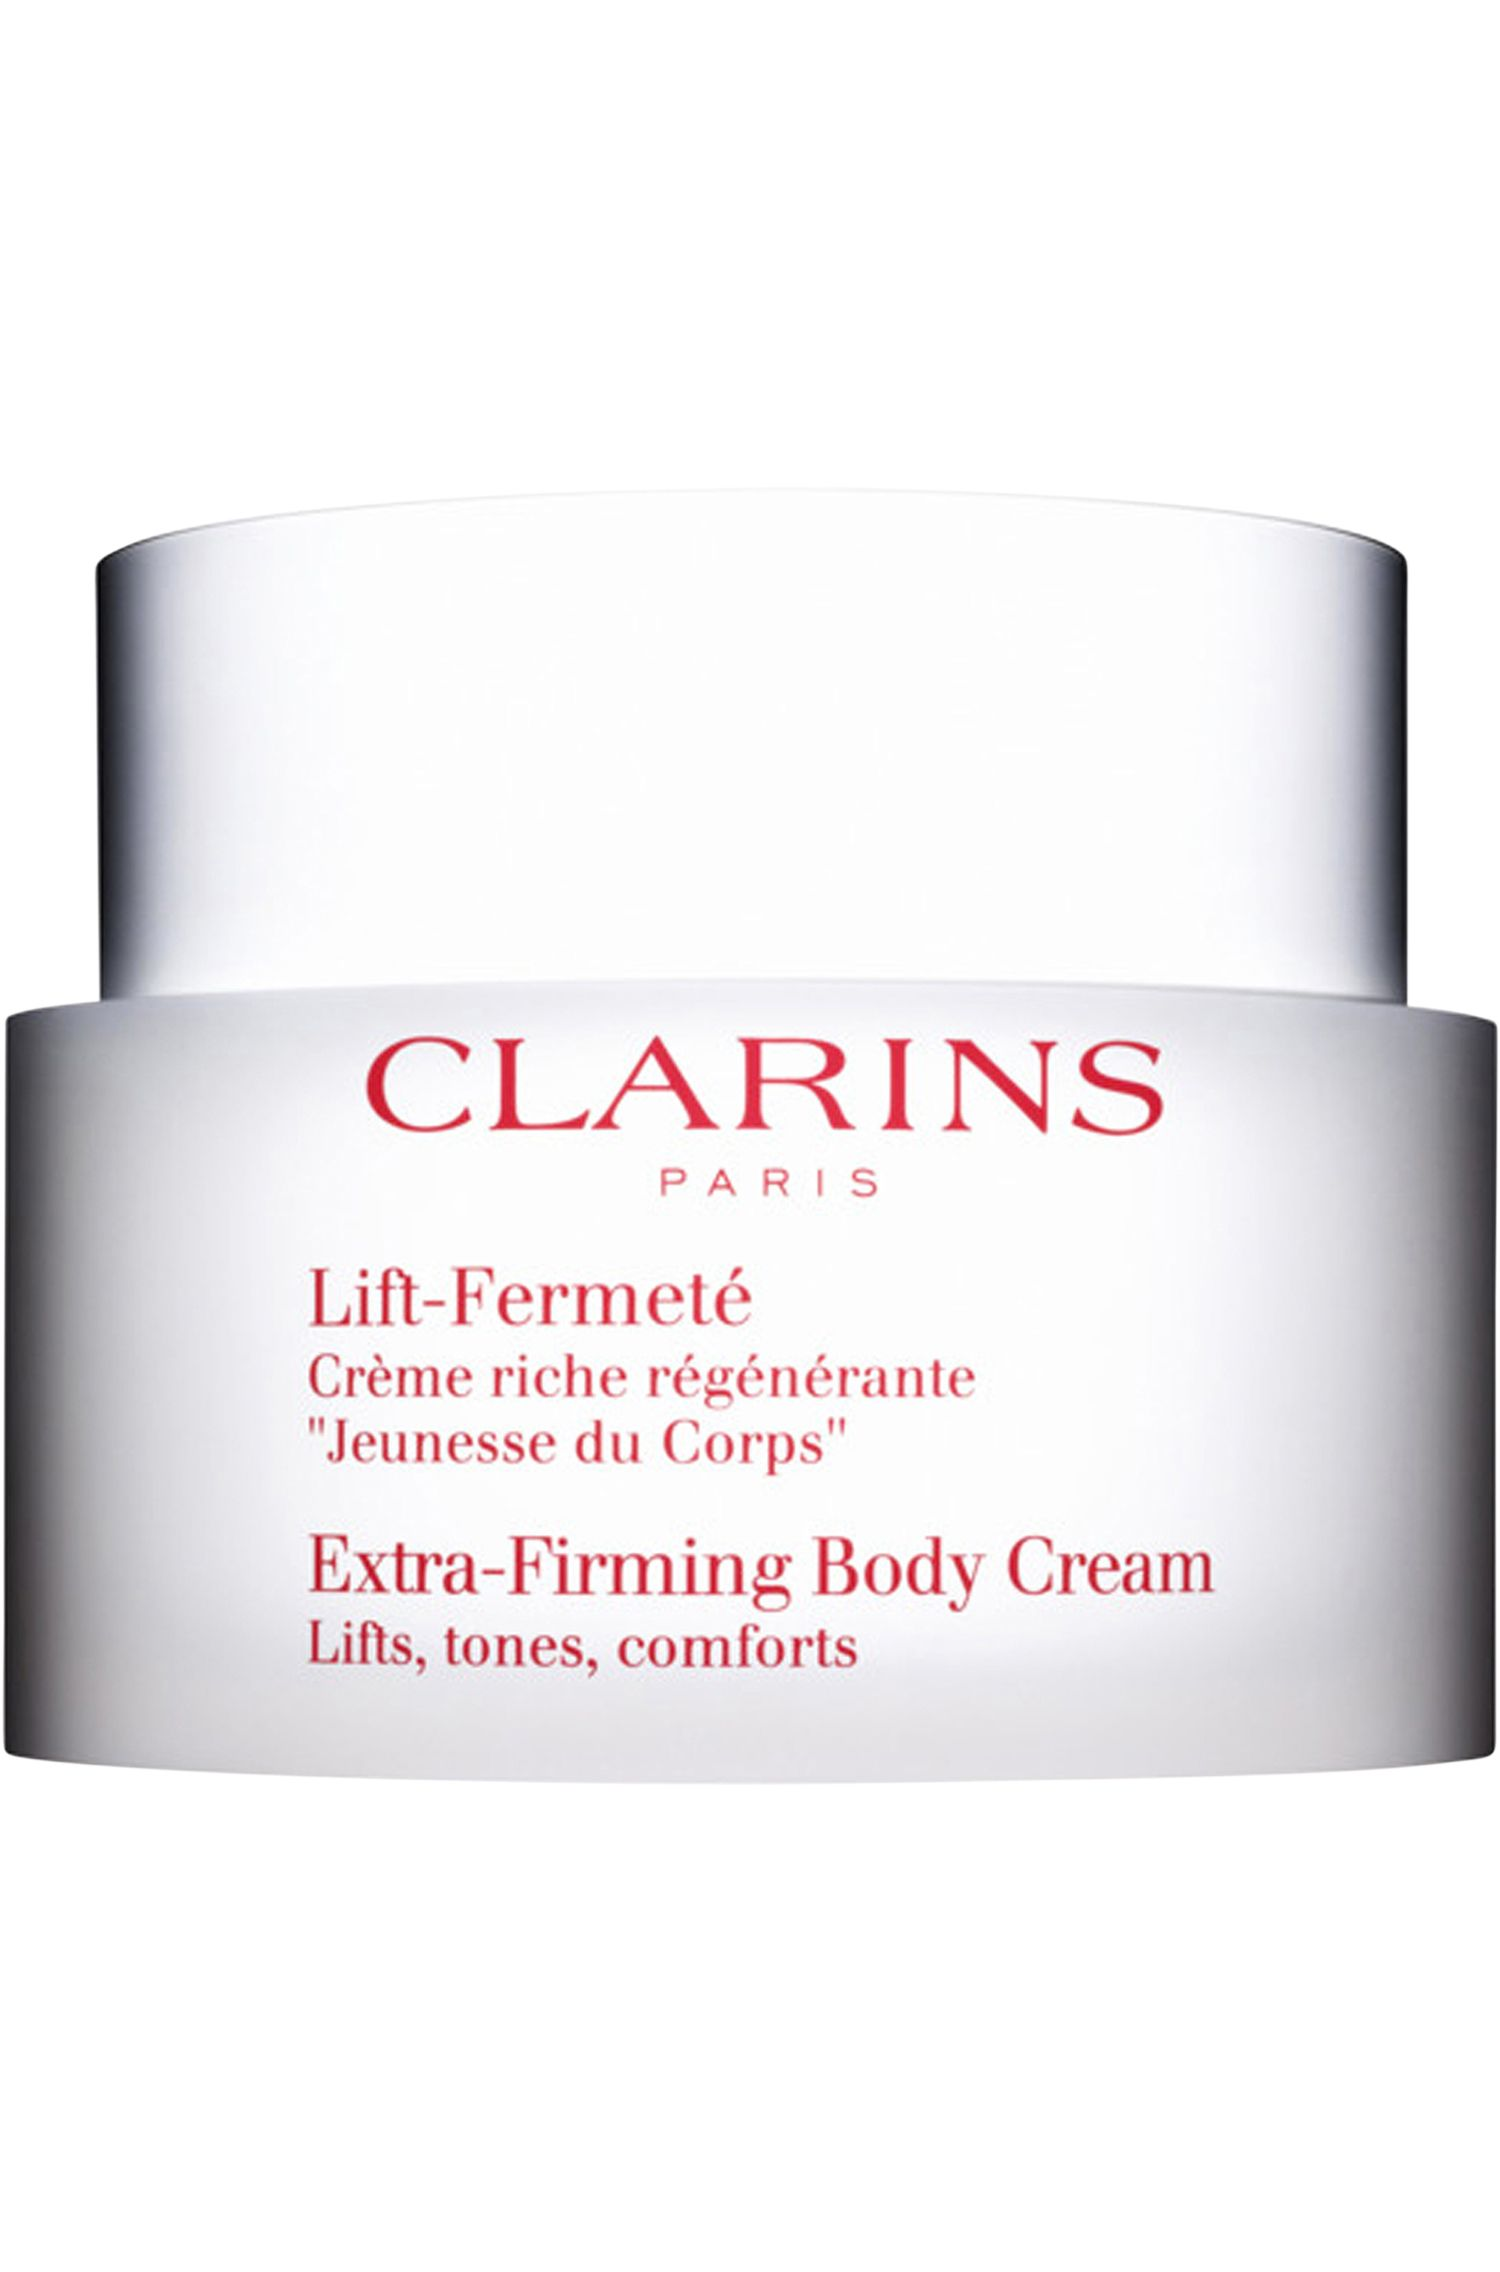 Blissim : Clarins - Crème corps riche régénérante Lift-Fermeté - Crème corps riche régénérante Lift-Fermeté